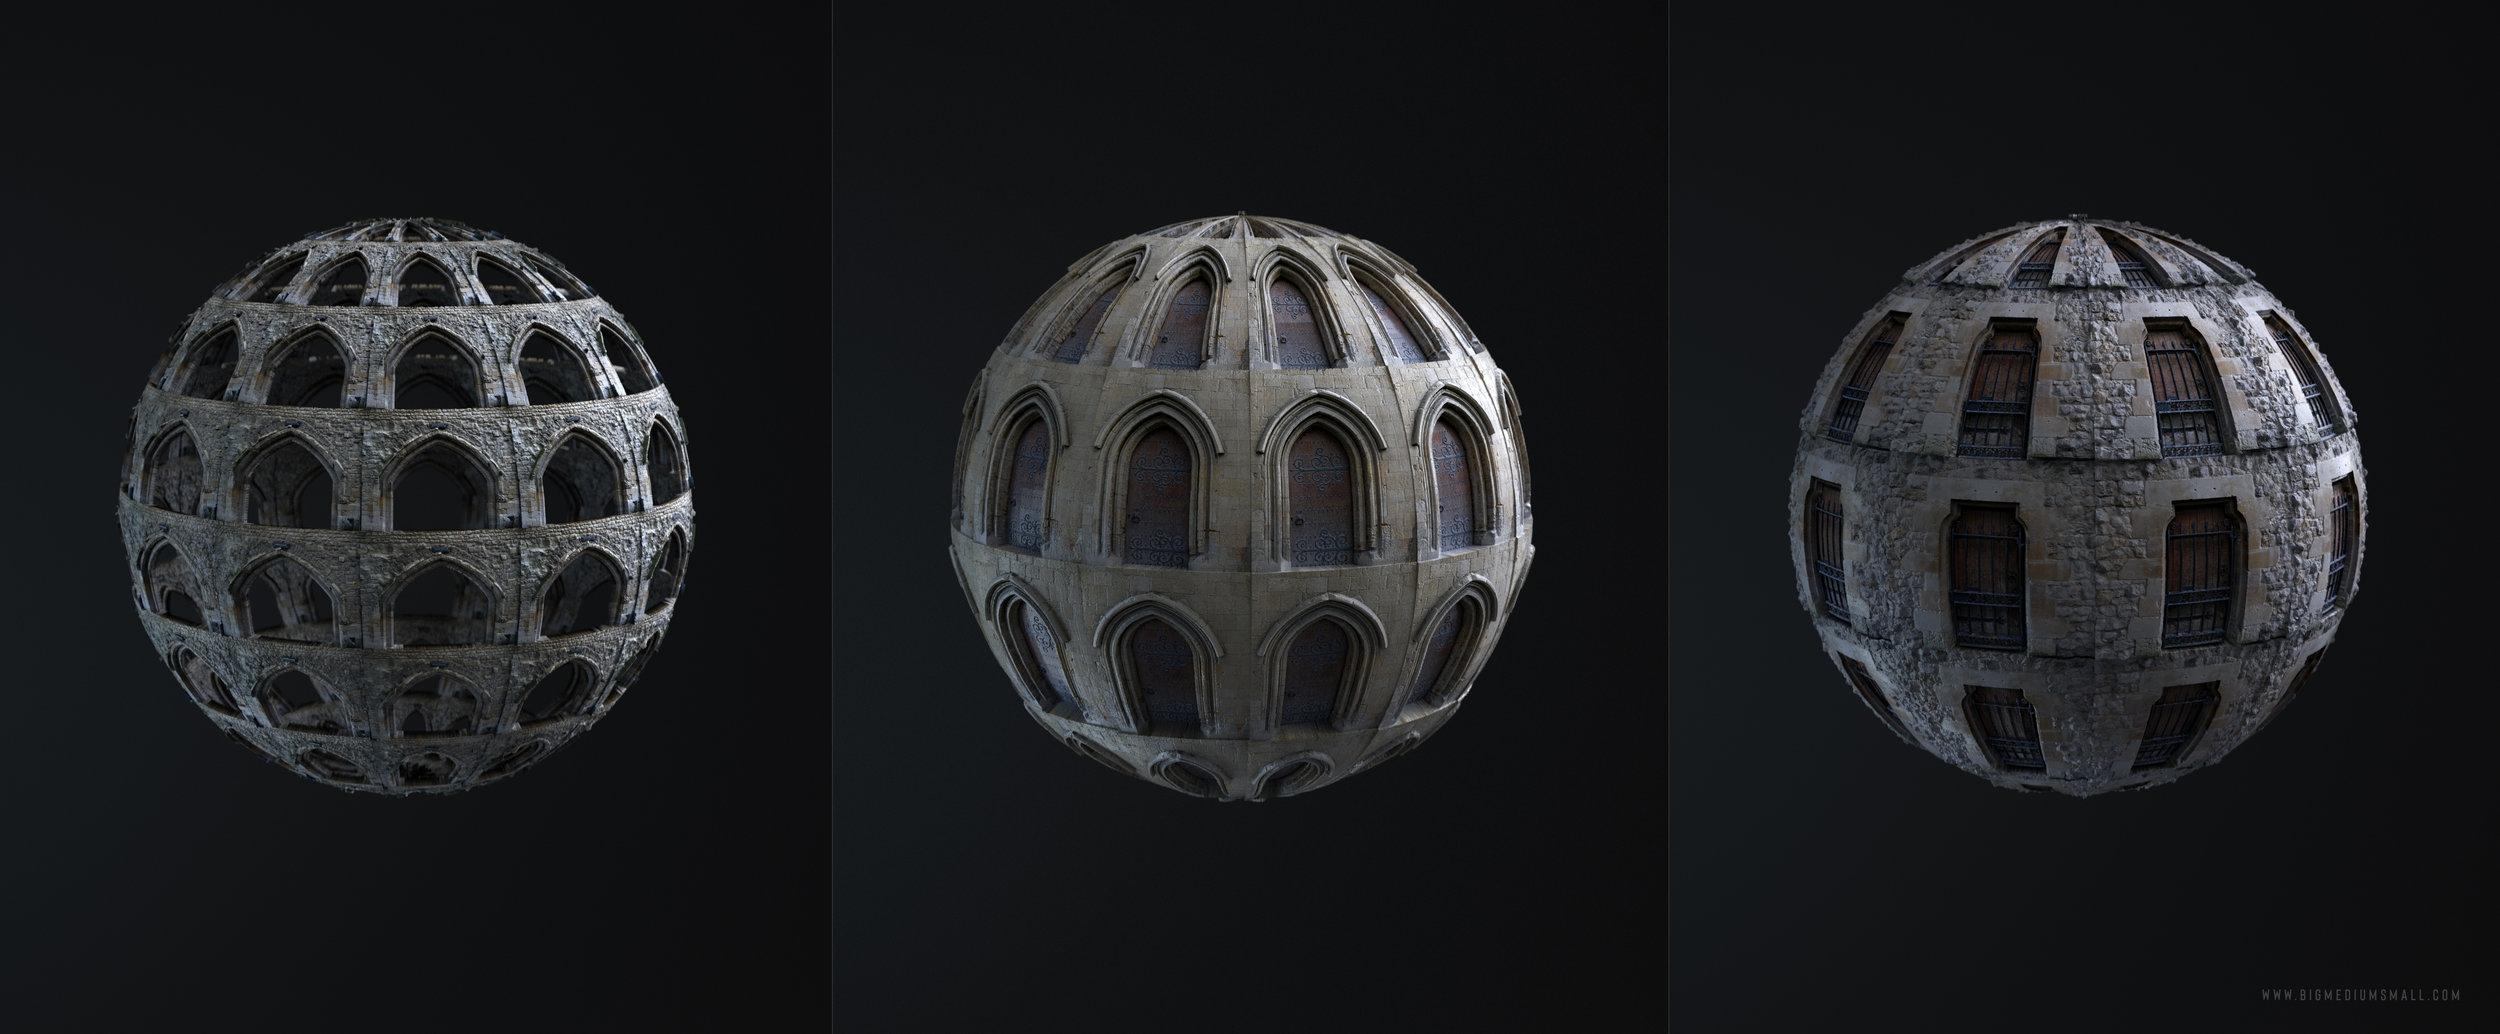 Sphere_textures1.jpg